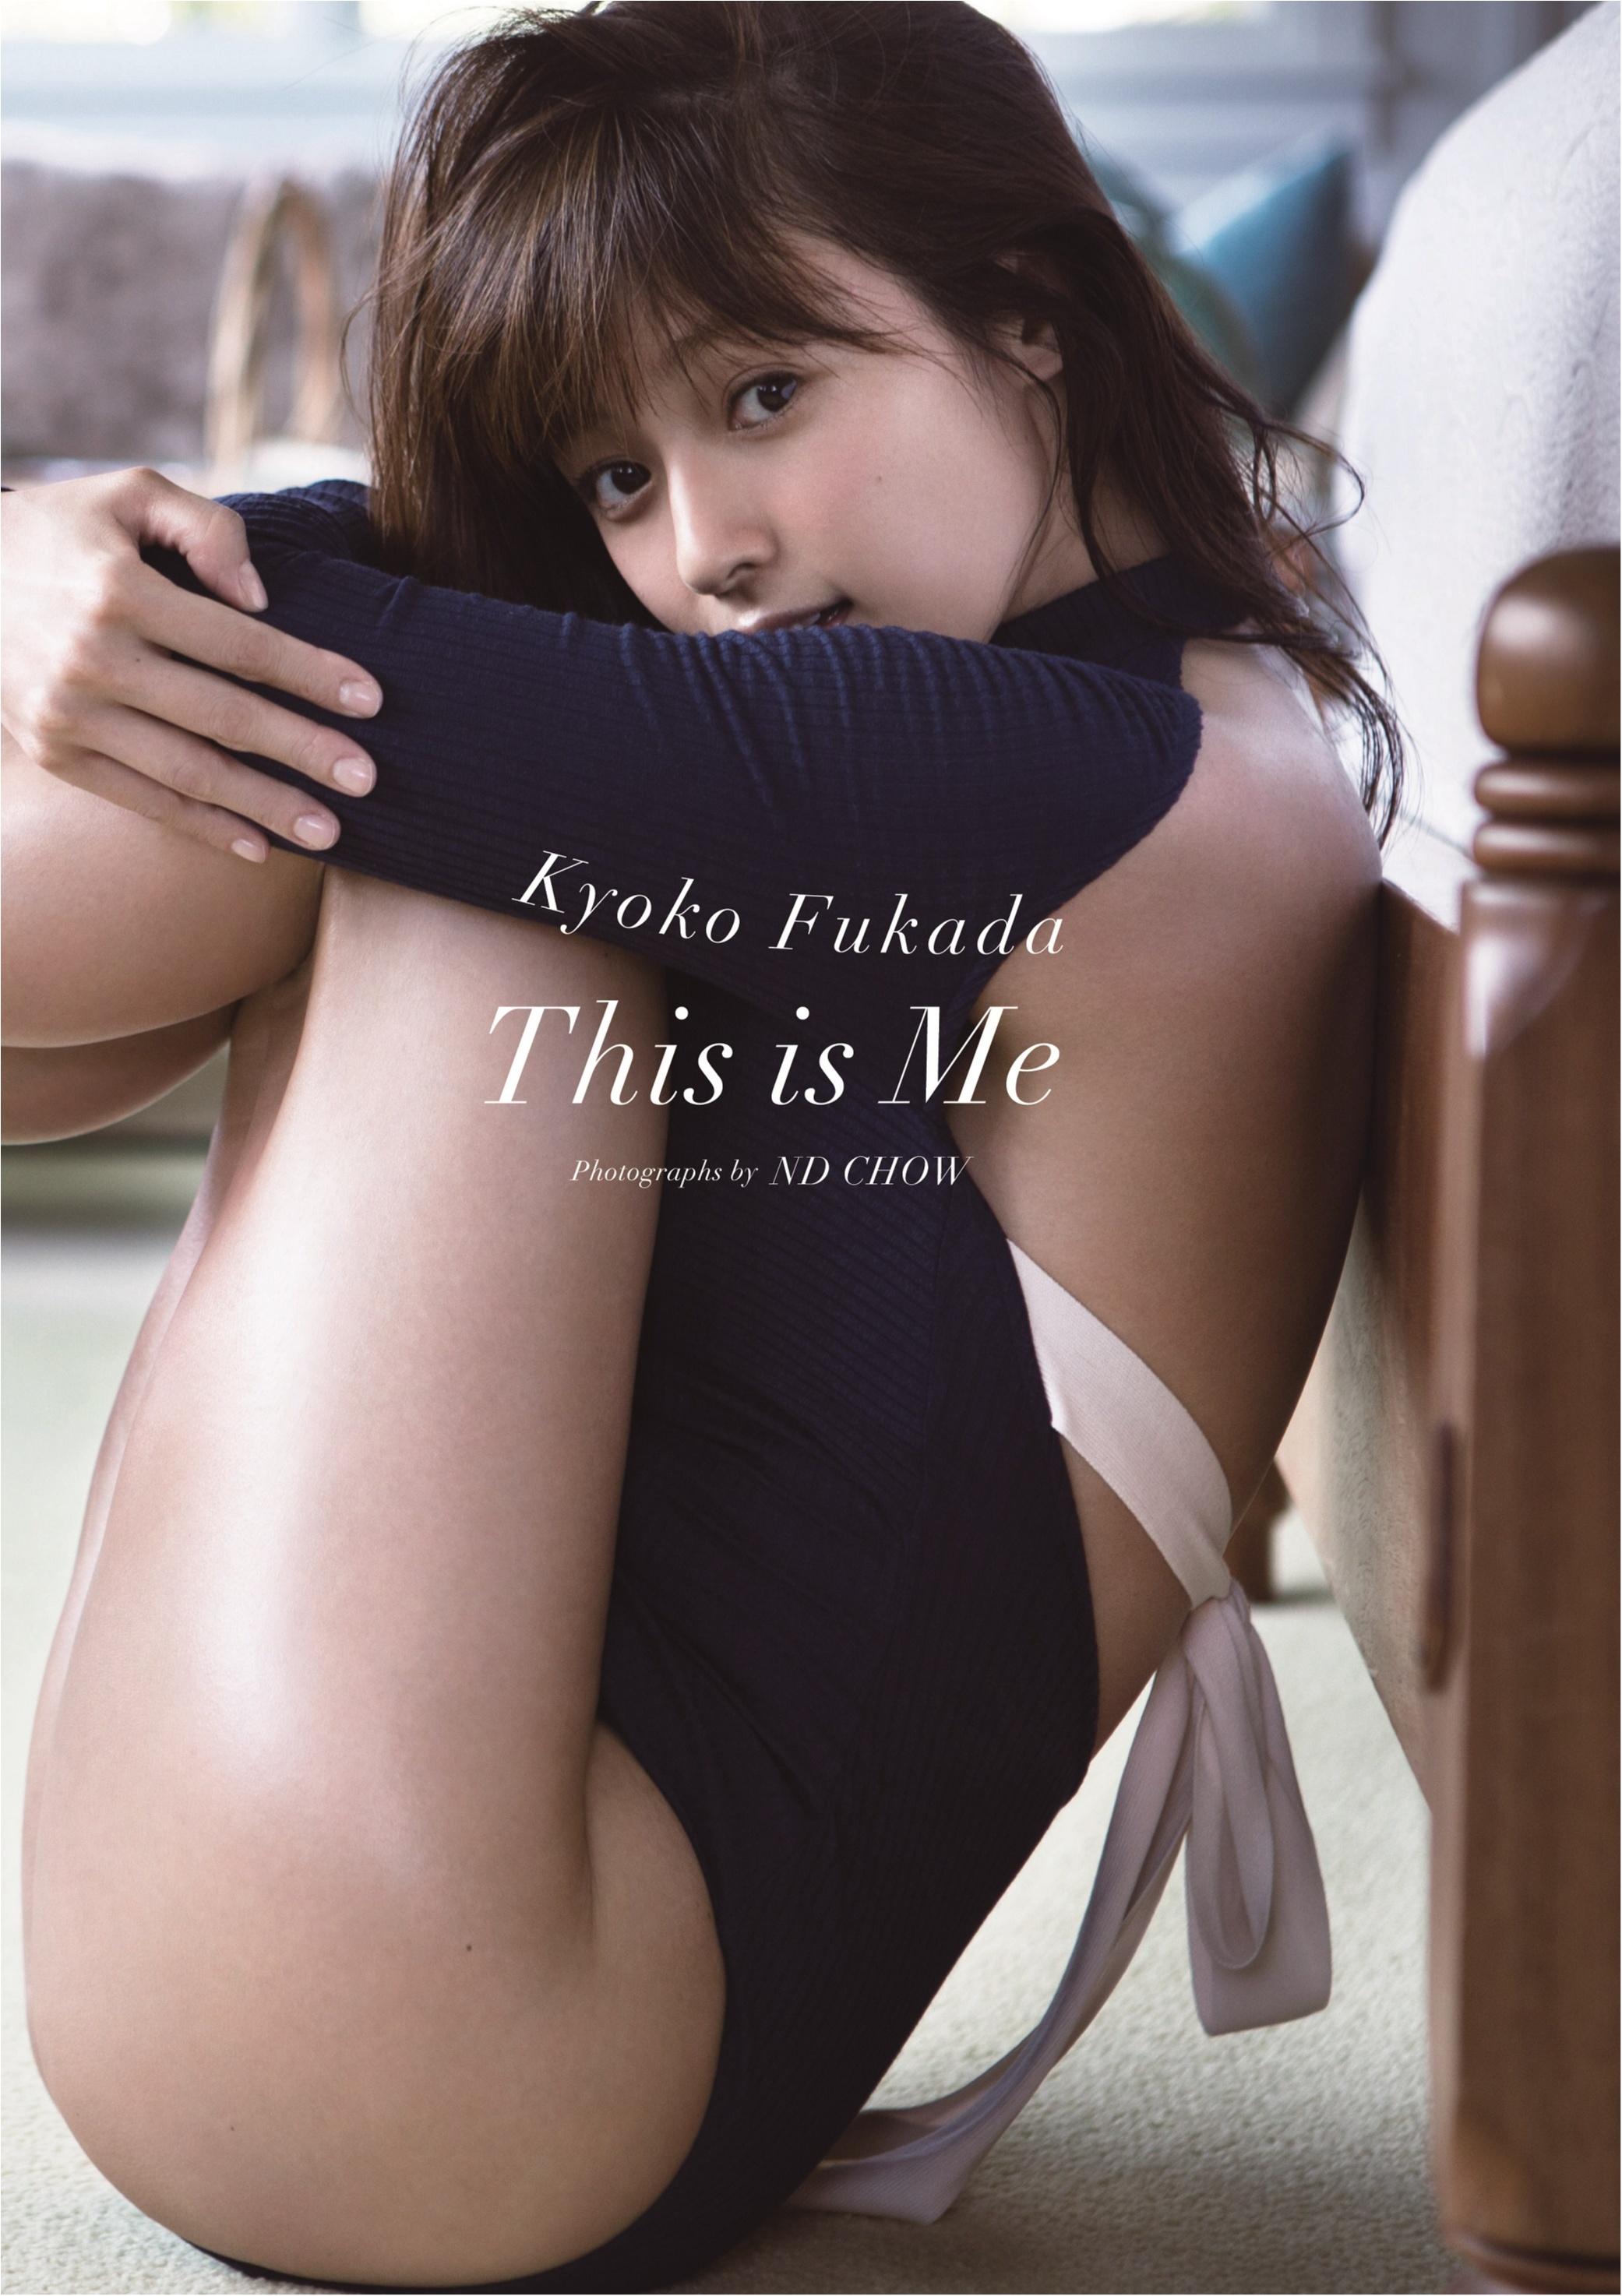 いよいよ明日23日! 深田恭子さんの美しすぎる最新写真集がなんと2冊同時リリース!!_3